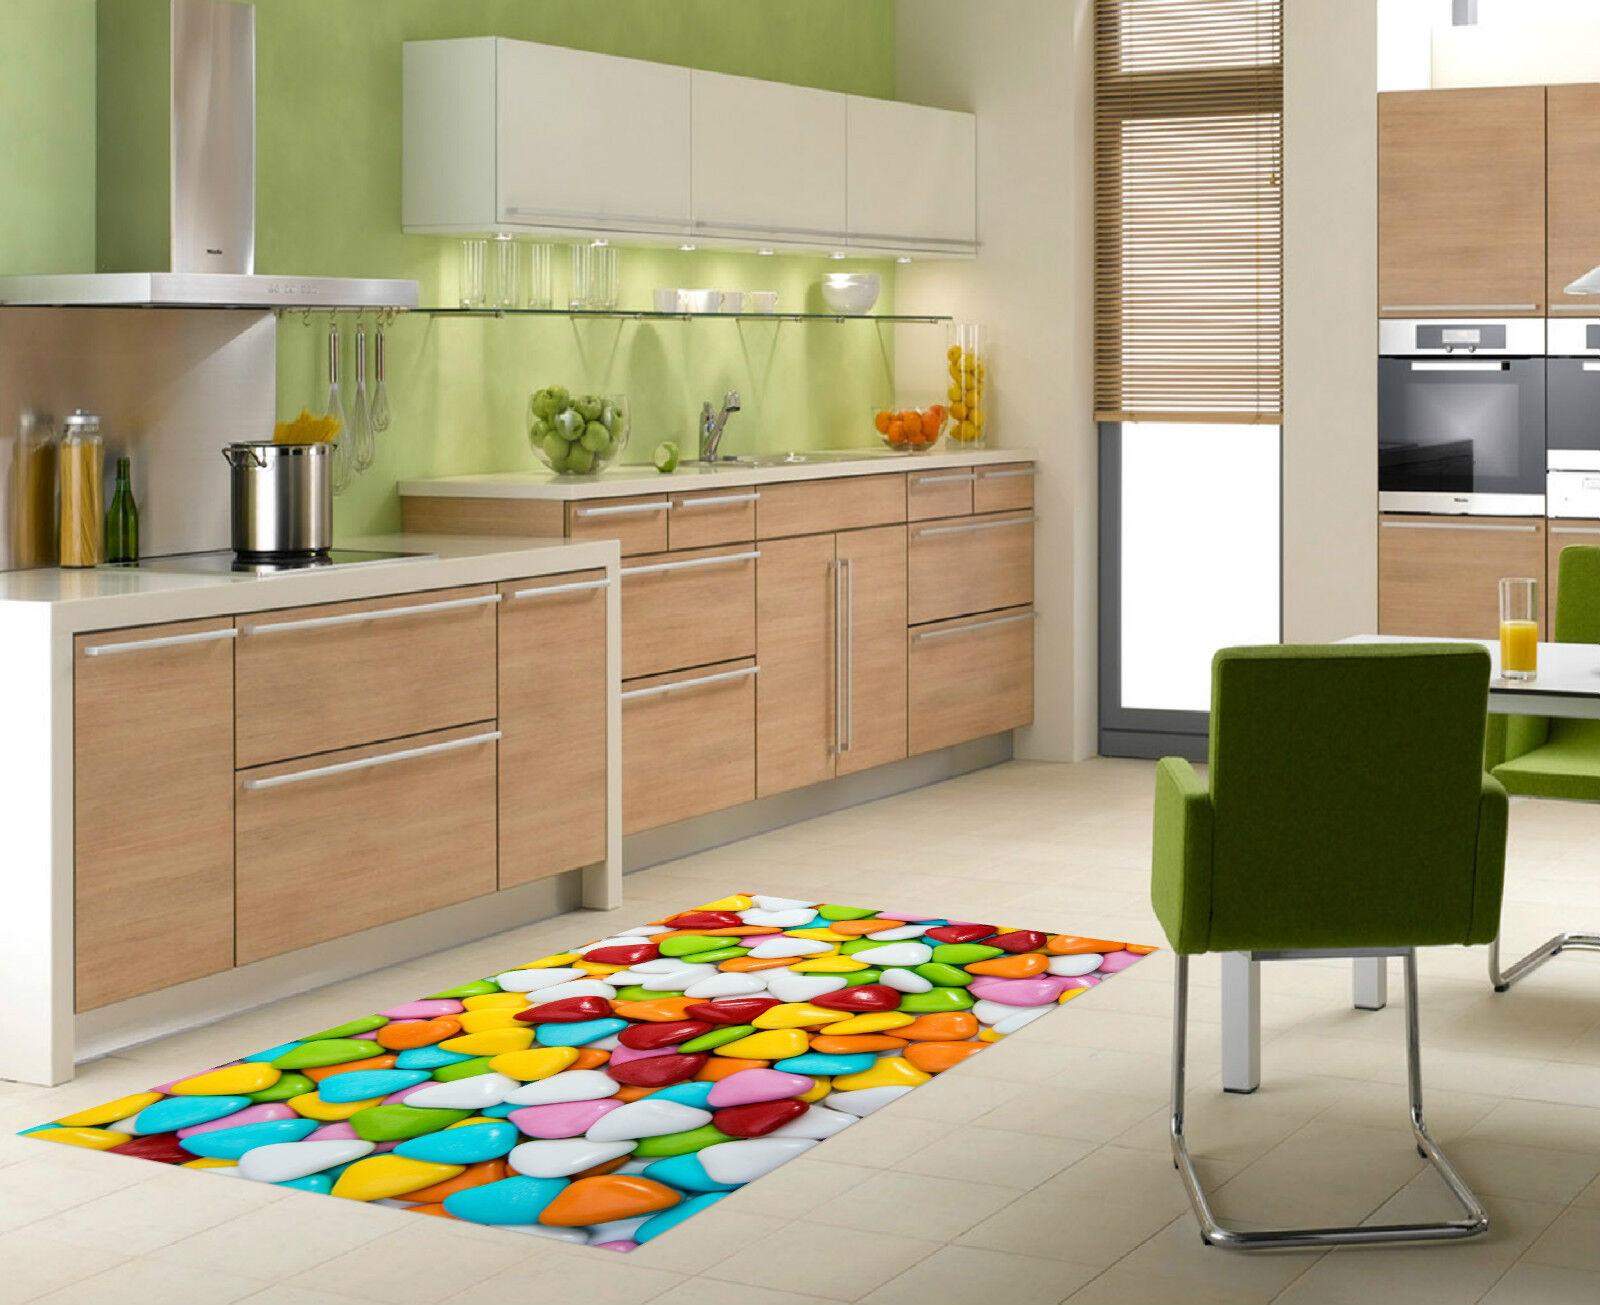 3D color Candy 53 Kitchen Mat Floor Murals Wall Print Wall Deco AJ WALLPAPER CA